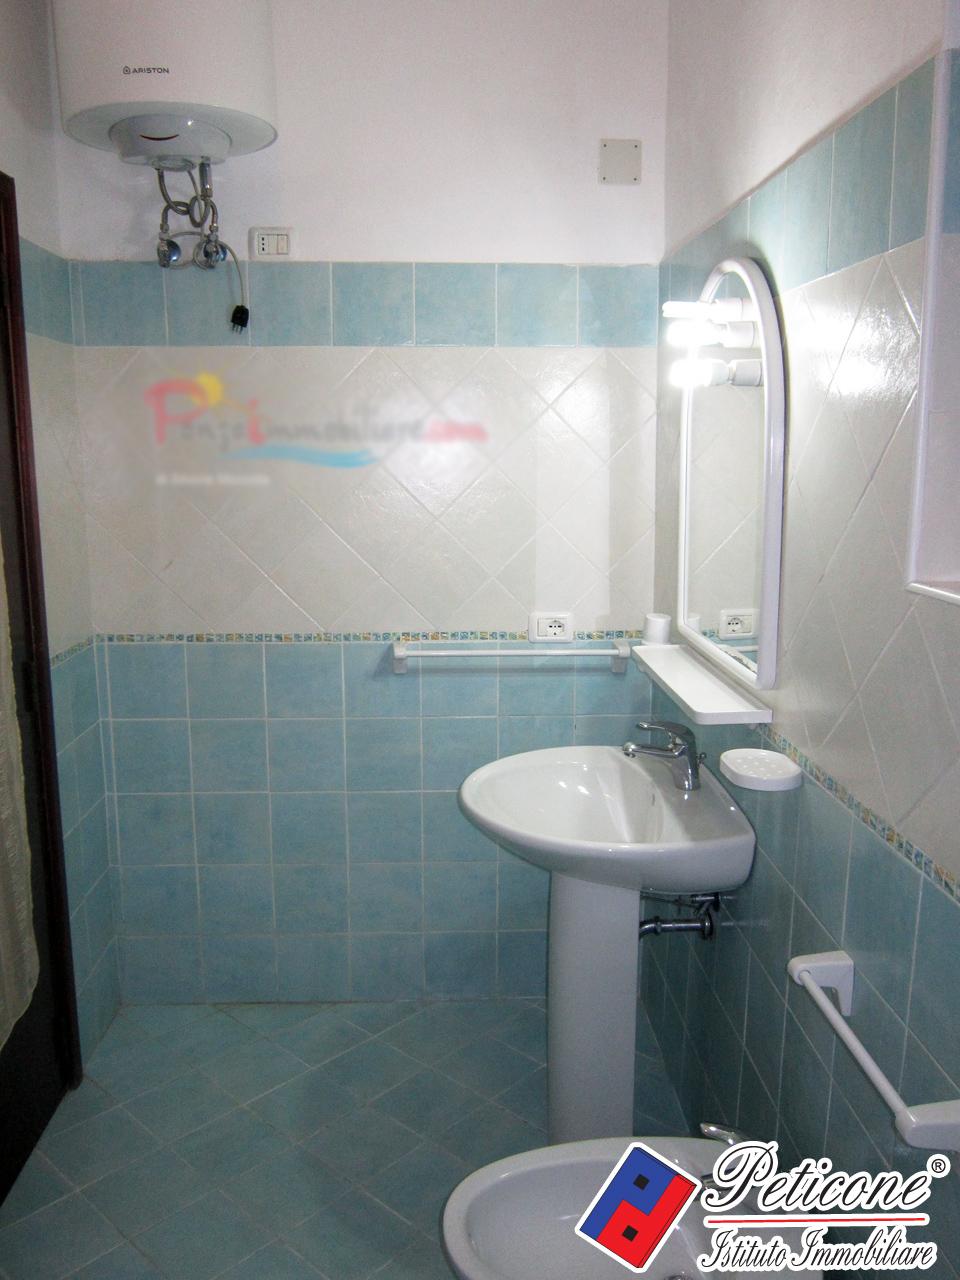 Appartamento in Vendita a Ponza: 3 locali, 65 mq - Foto 9